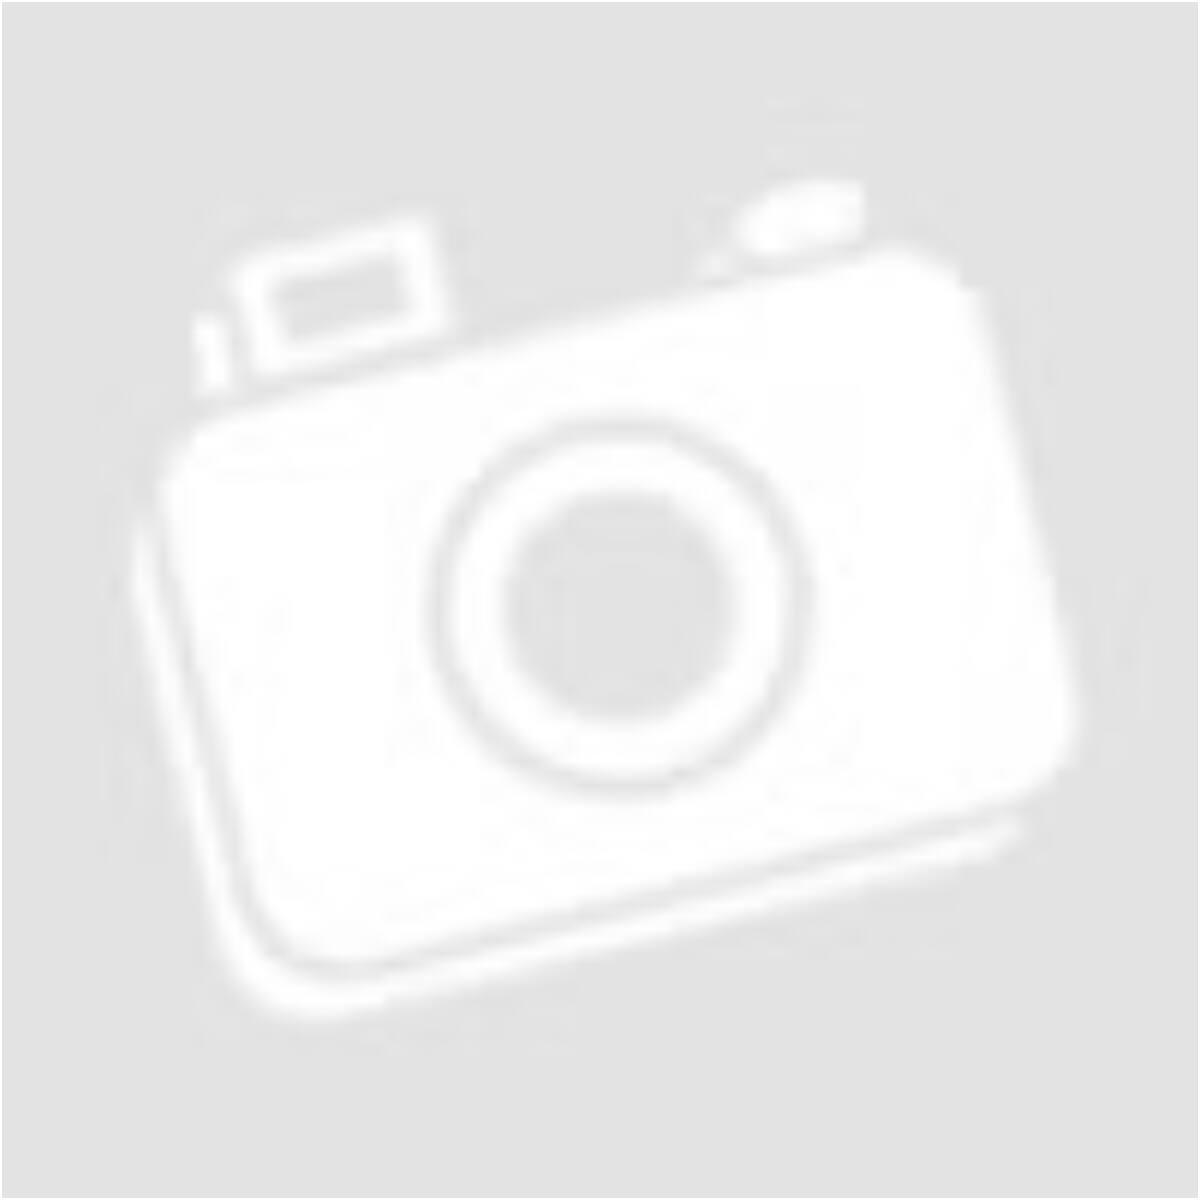 SMOKE férfi póló  S029 - szürke - Hagyományos pólók d7cebad413